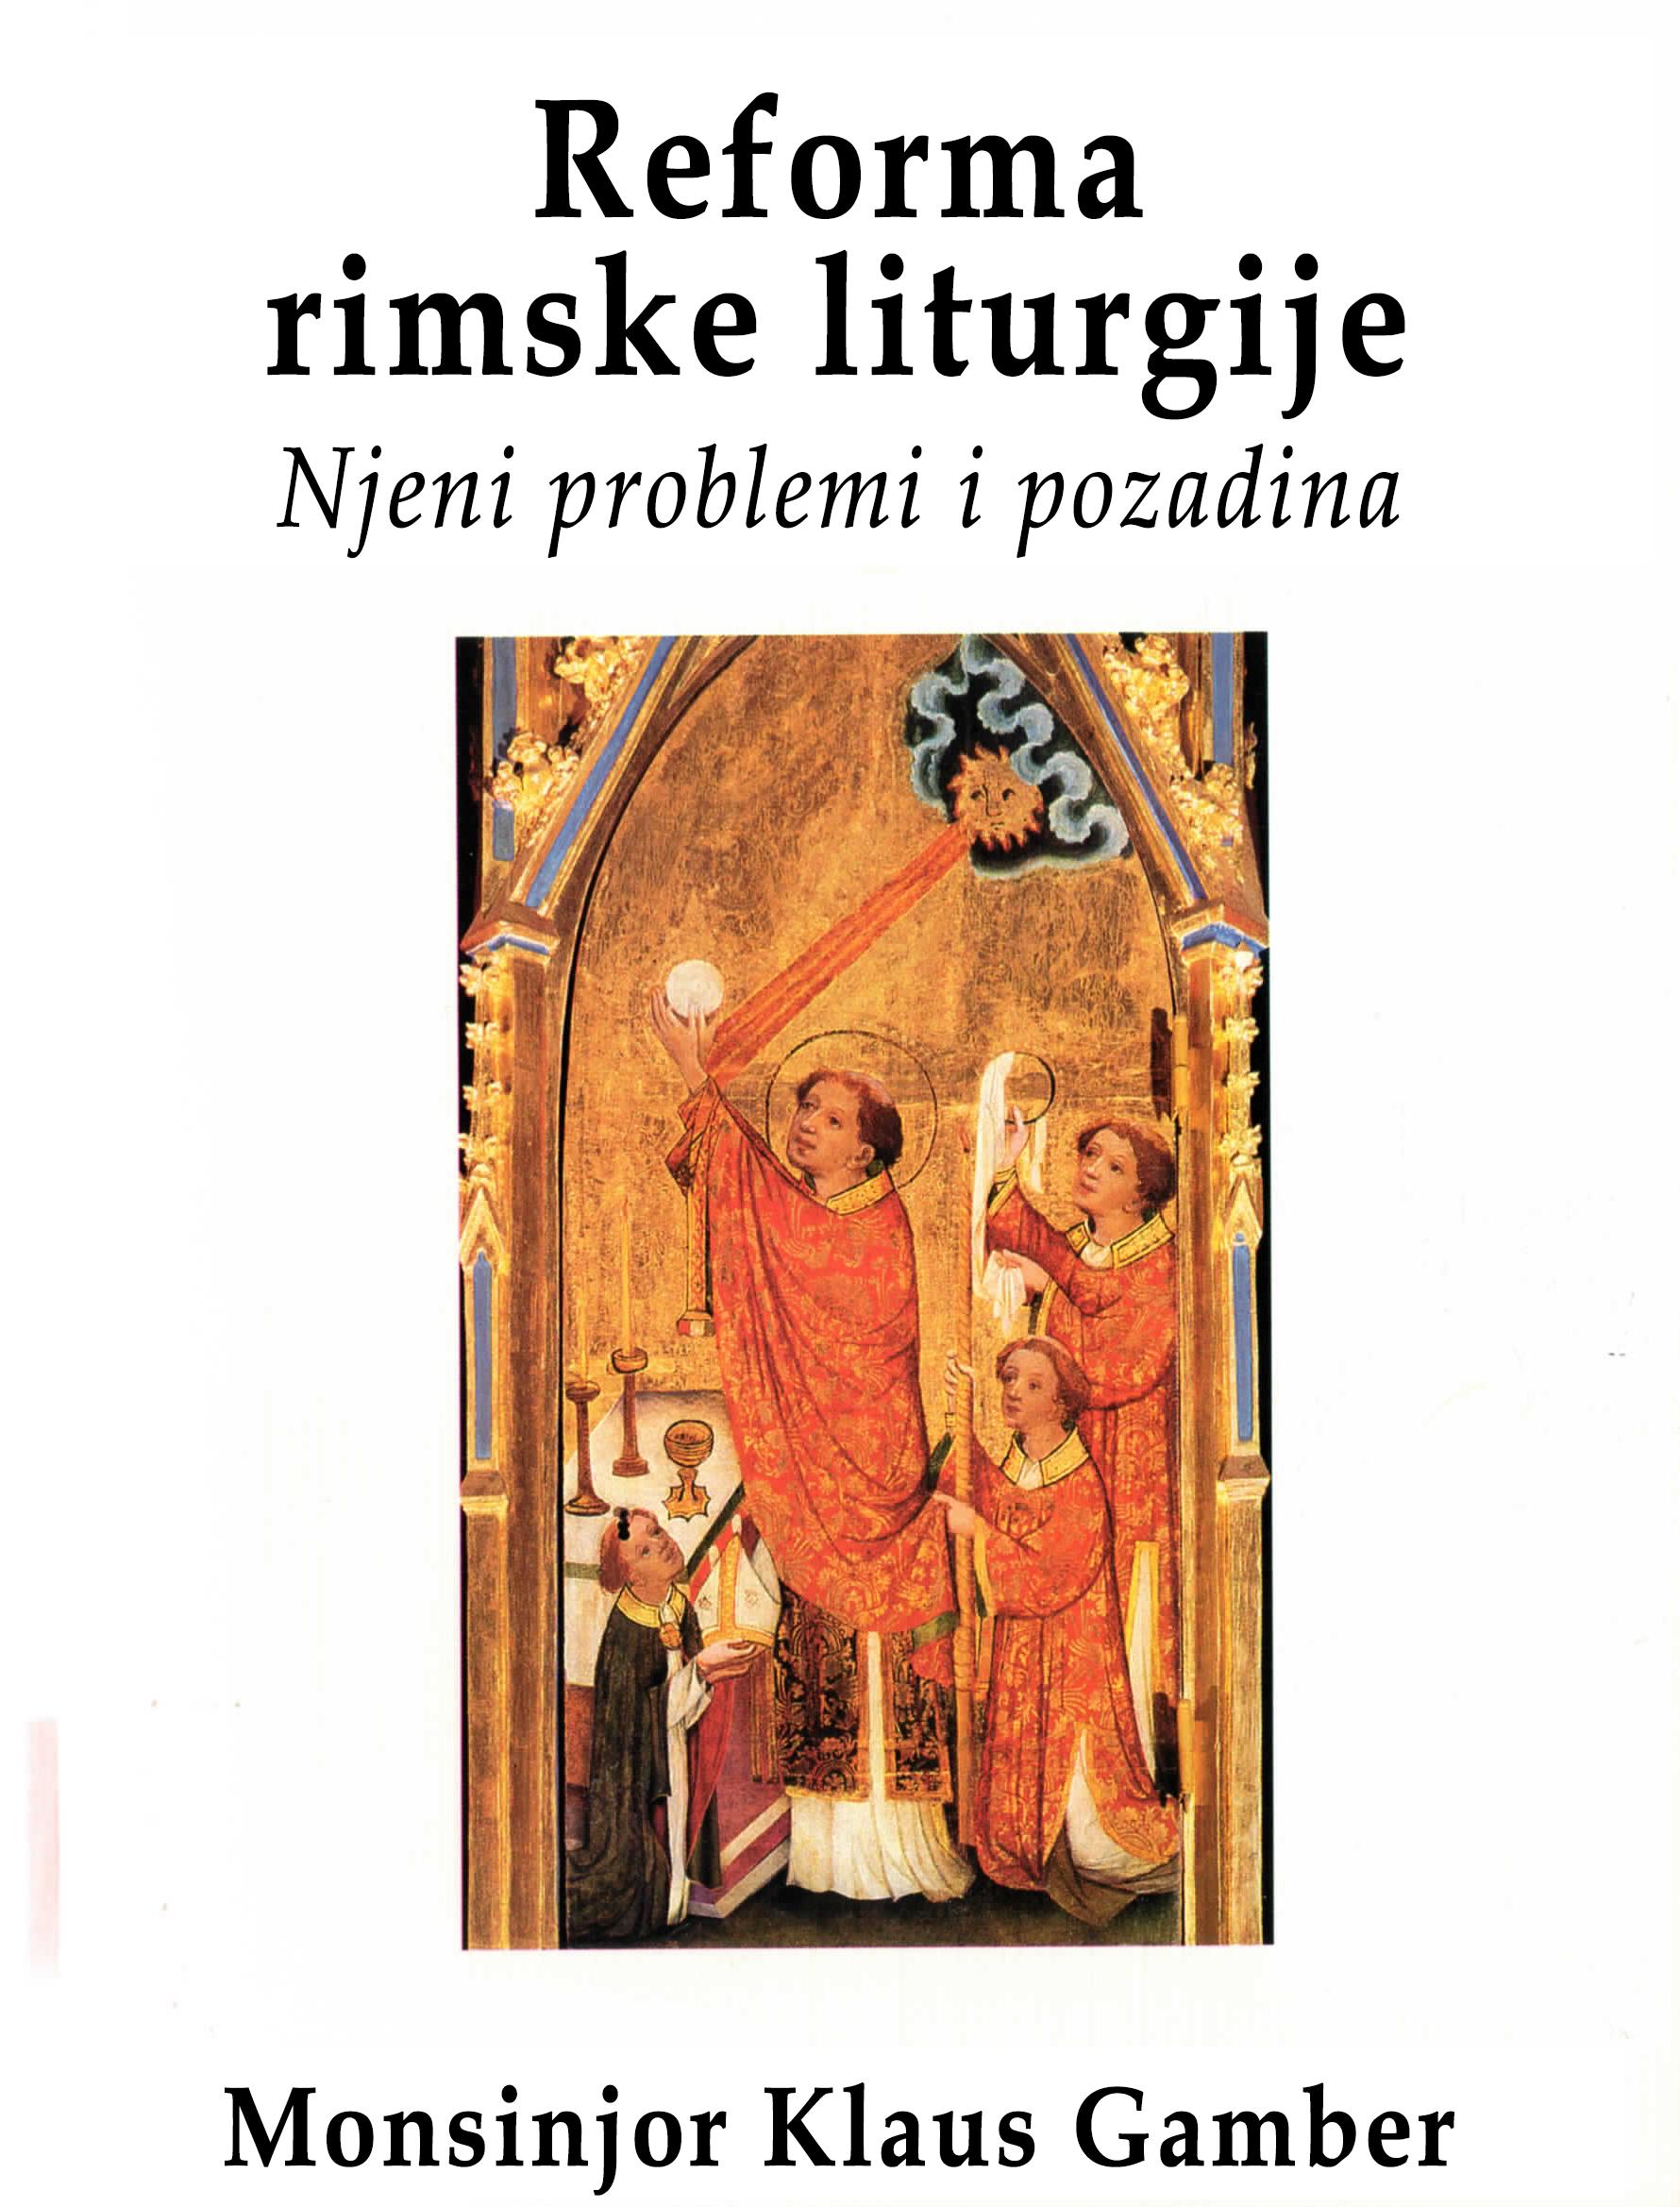 Monsinjor Klaus Gamber - Reforma rimske liturgije: njeni problemi i povijest